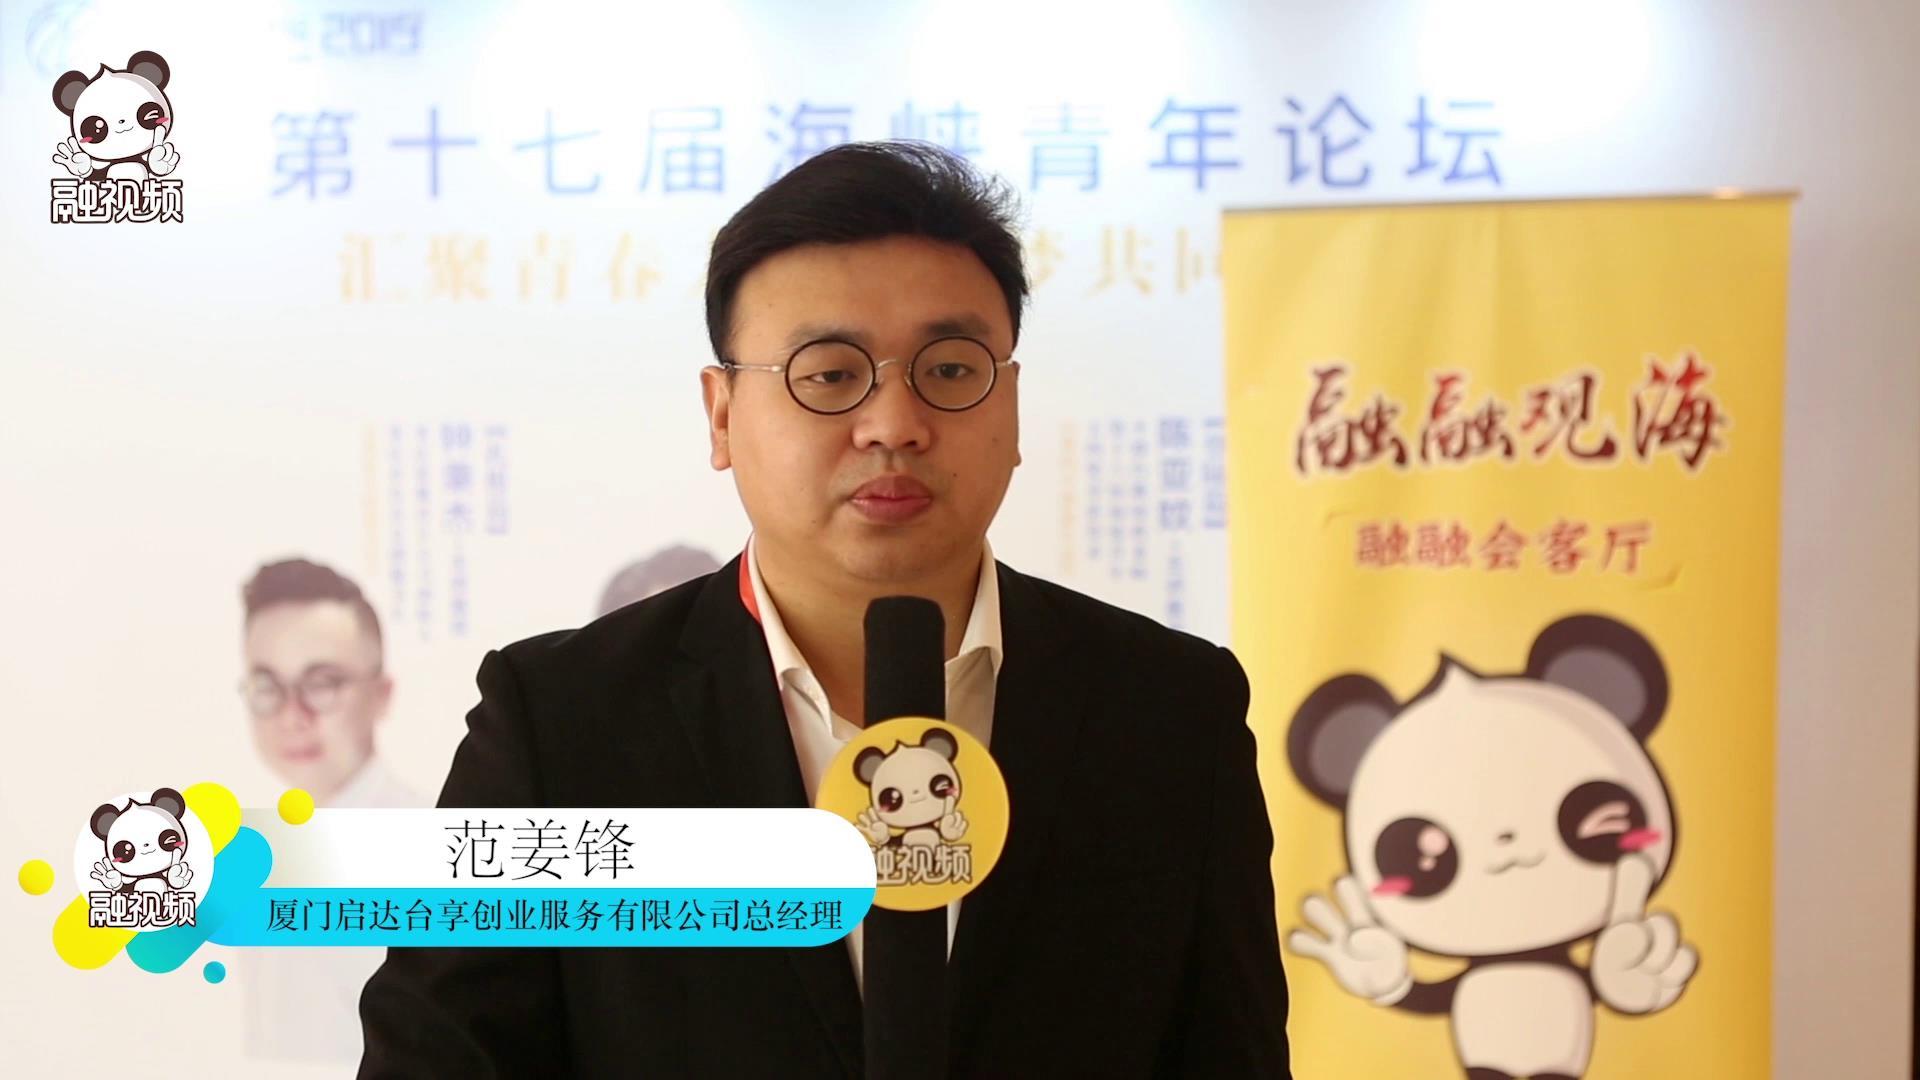 范姜锋:从身无分文到事业有成 台湾青年讲述创业心得图片